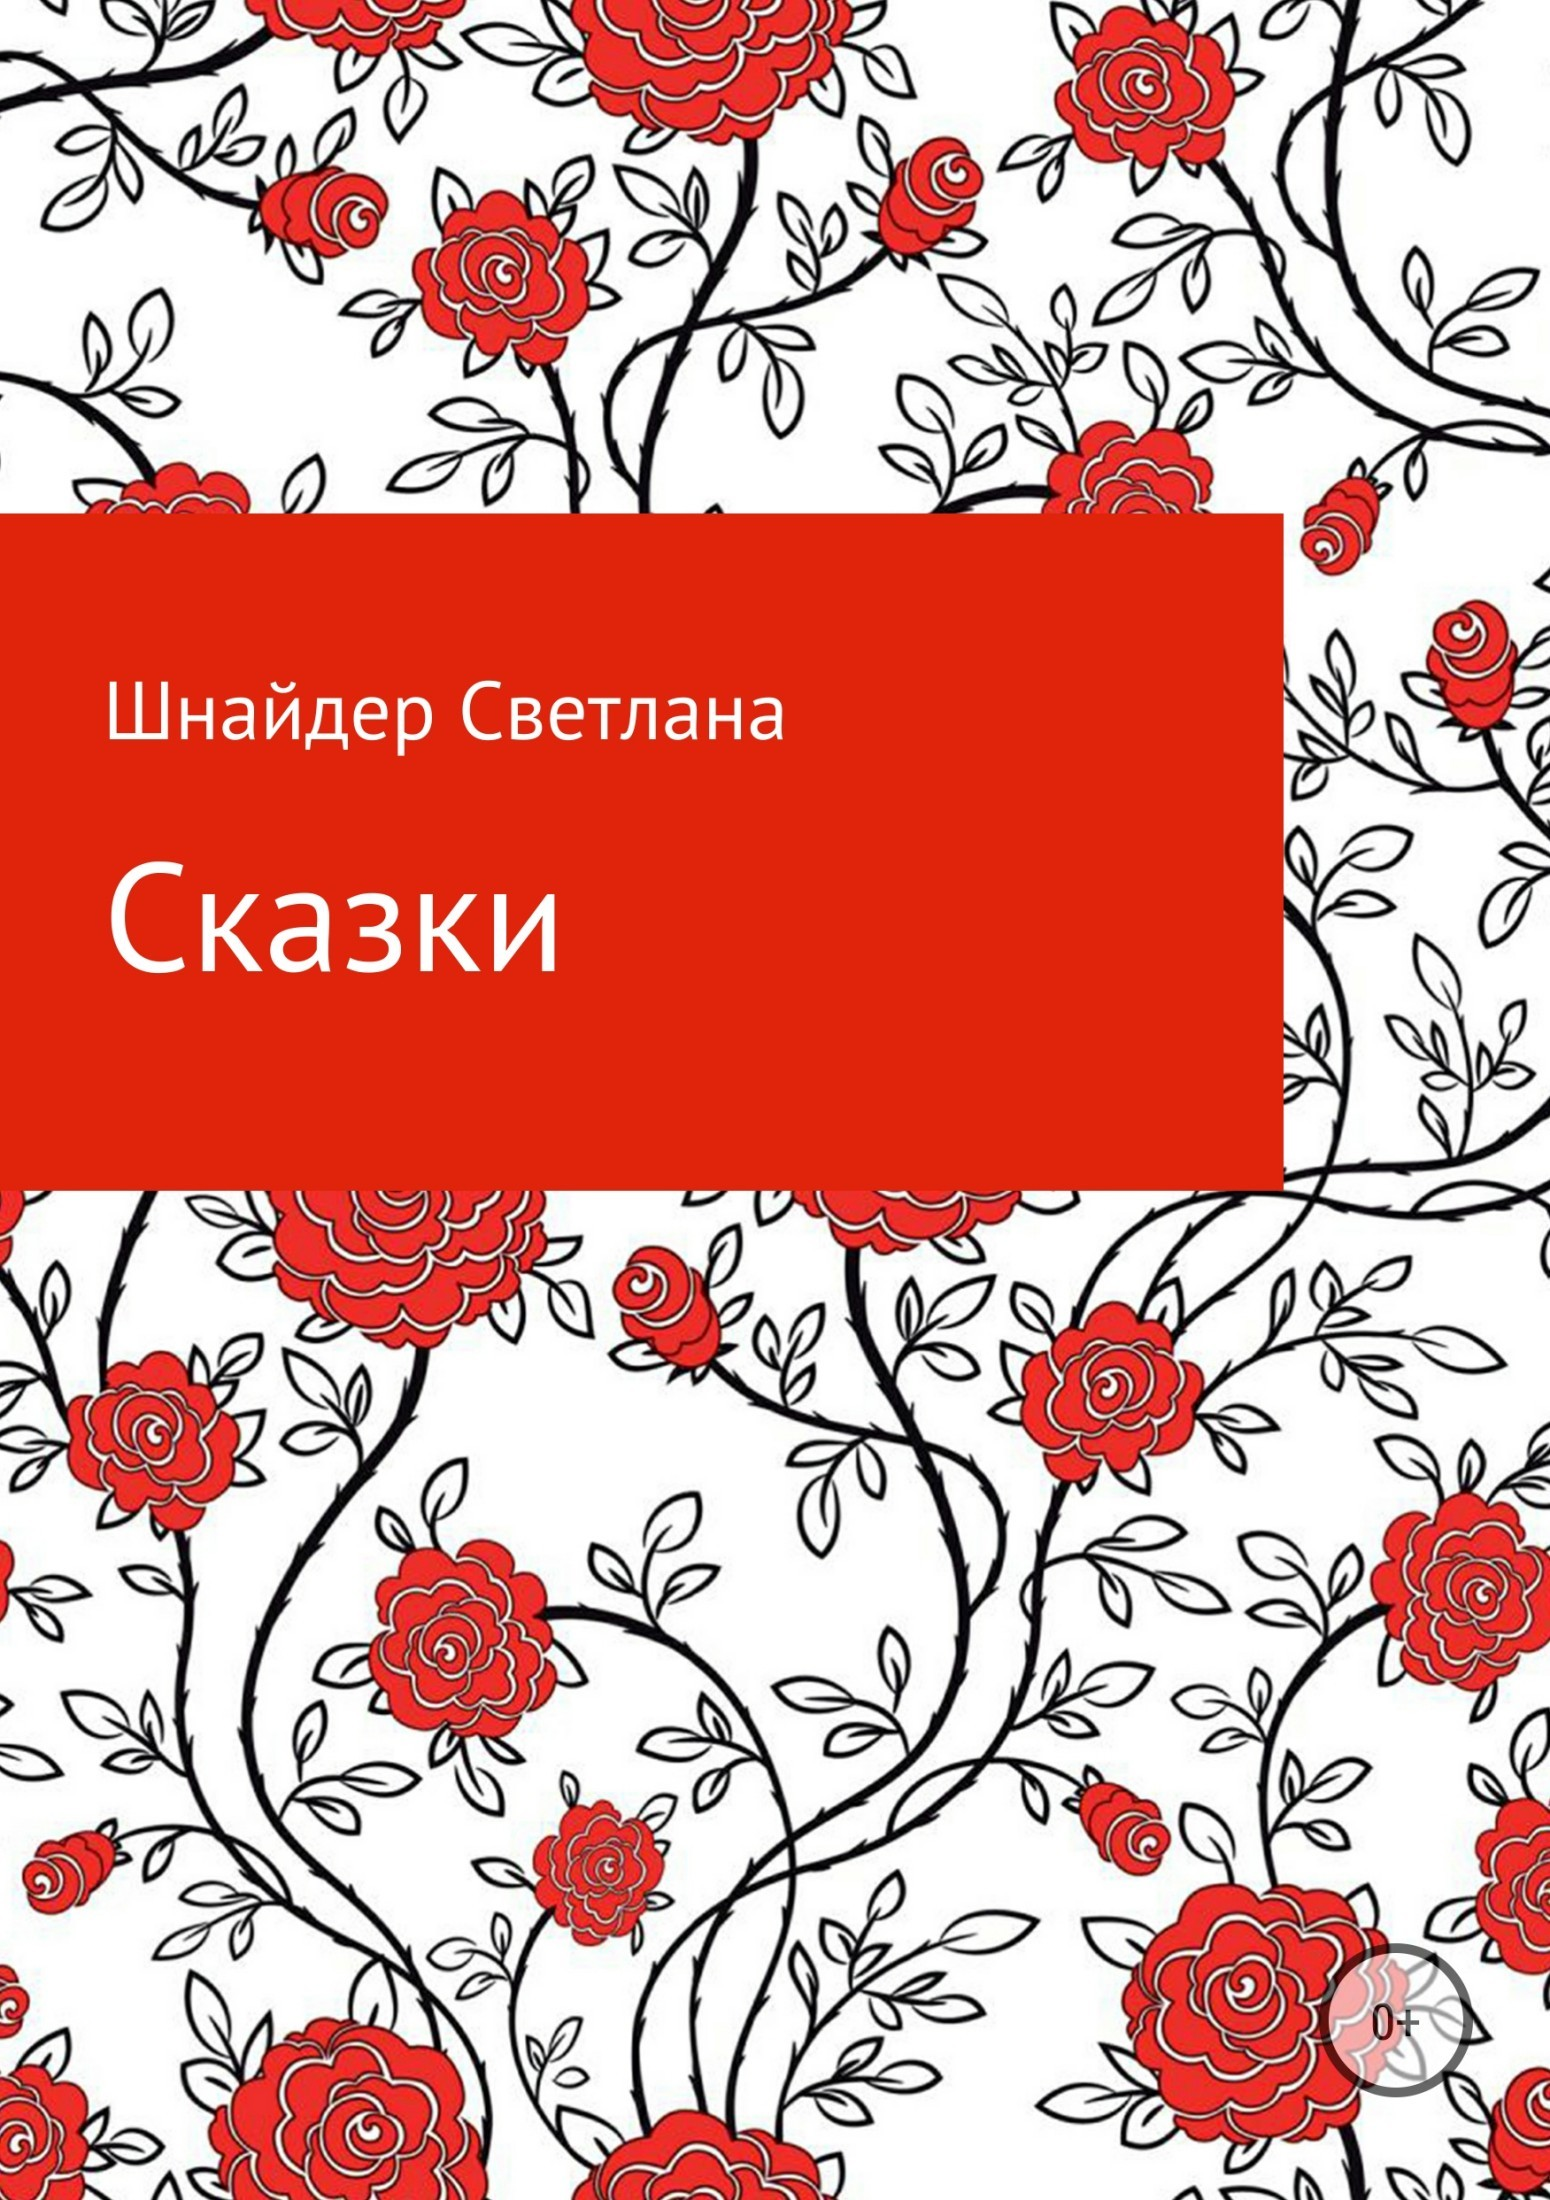 Светлана Шнайдер Сказки